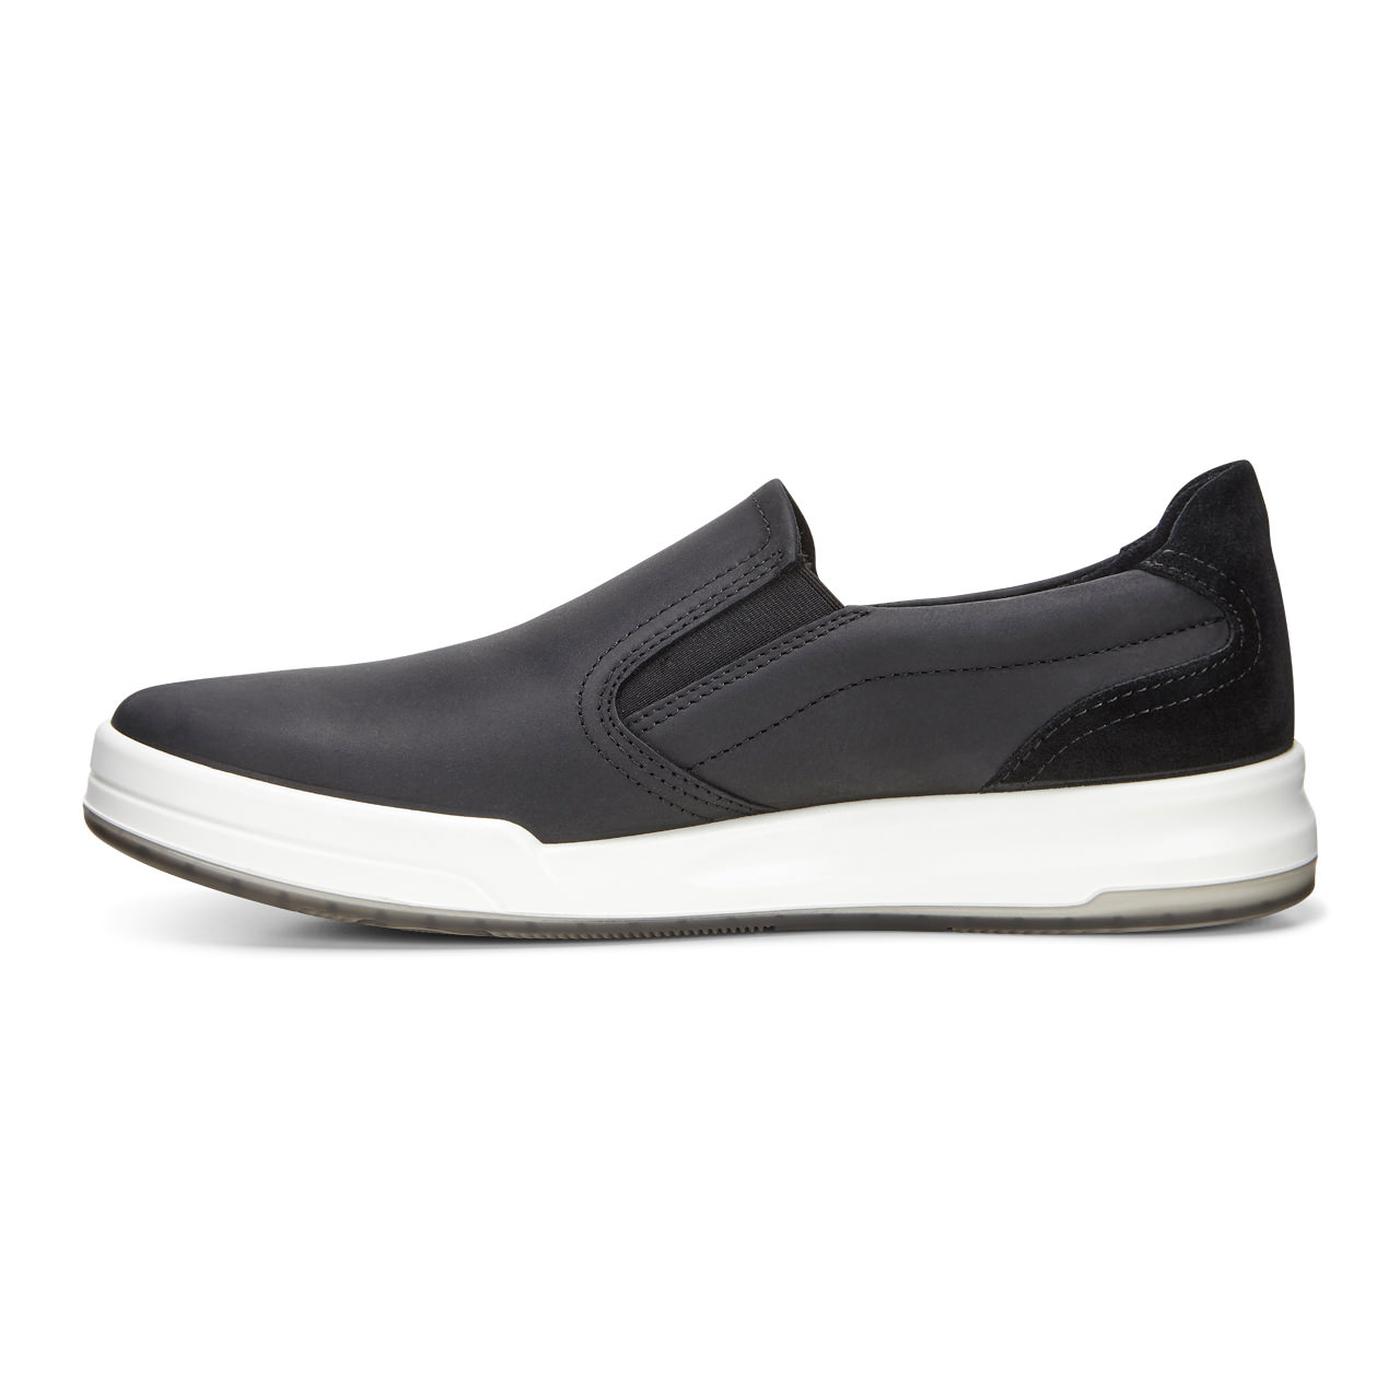 29d2f924 ECCO Jack Slip On | Men's Shoes | ECCO® Shoes